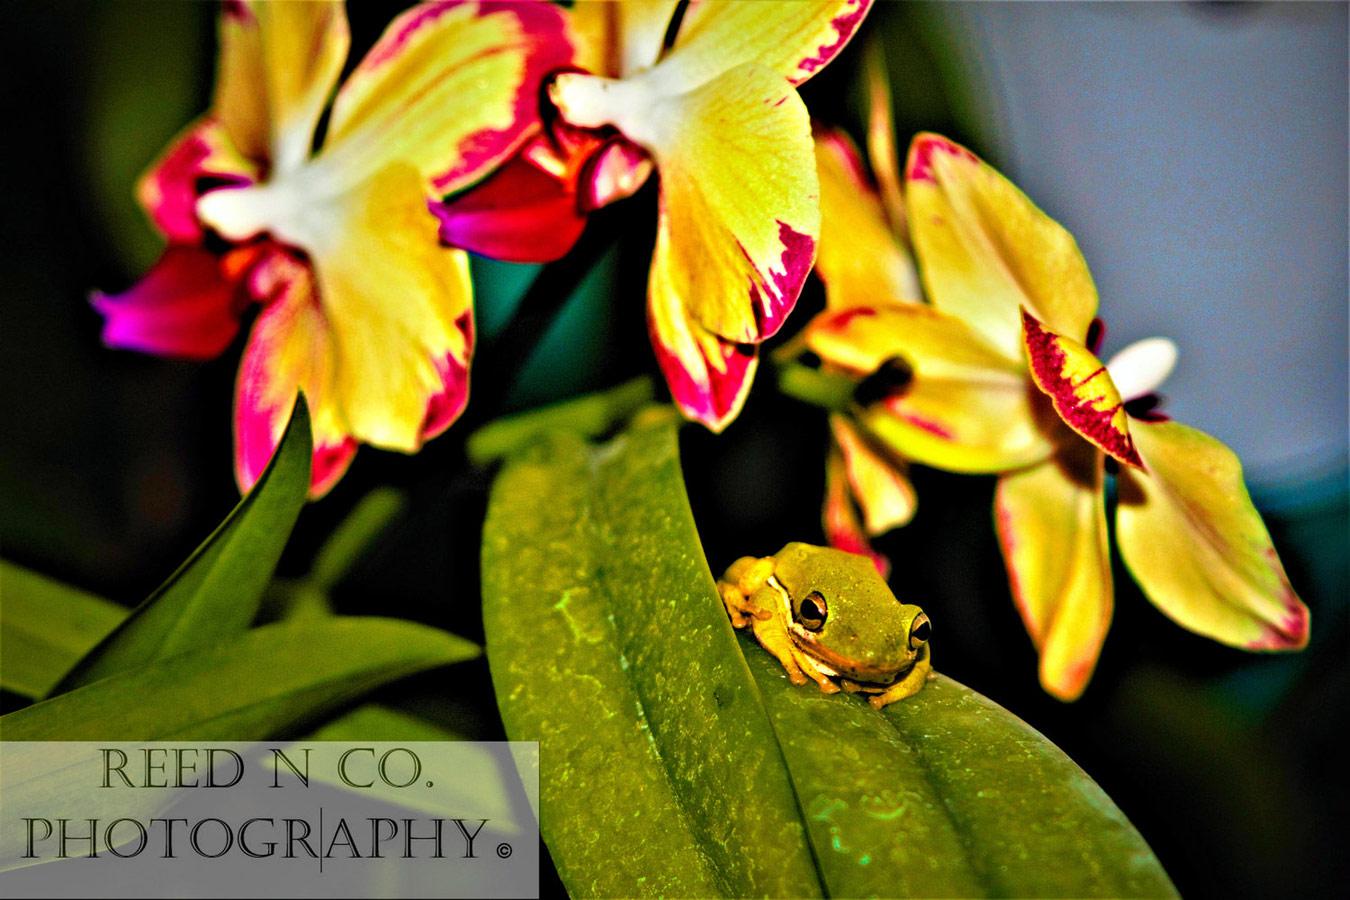 Орхидея 1, © Нэнси Рид, Третье место, Художественный конкурс «Все женщины» — All Women